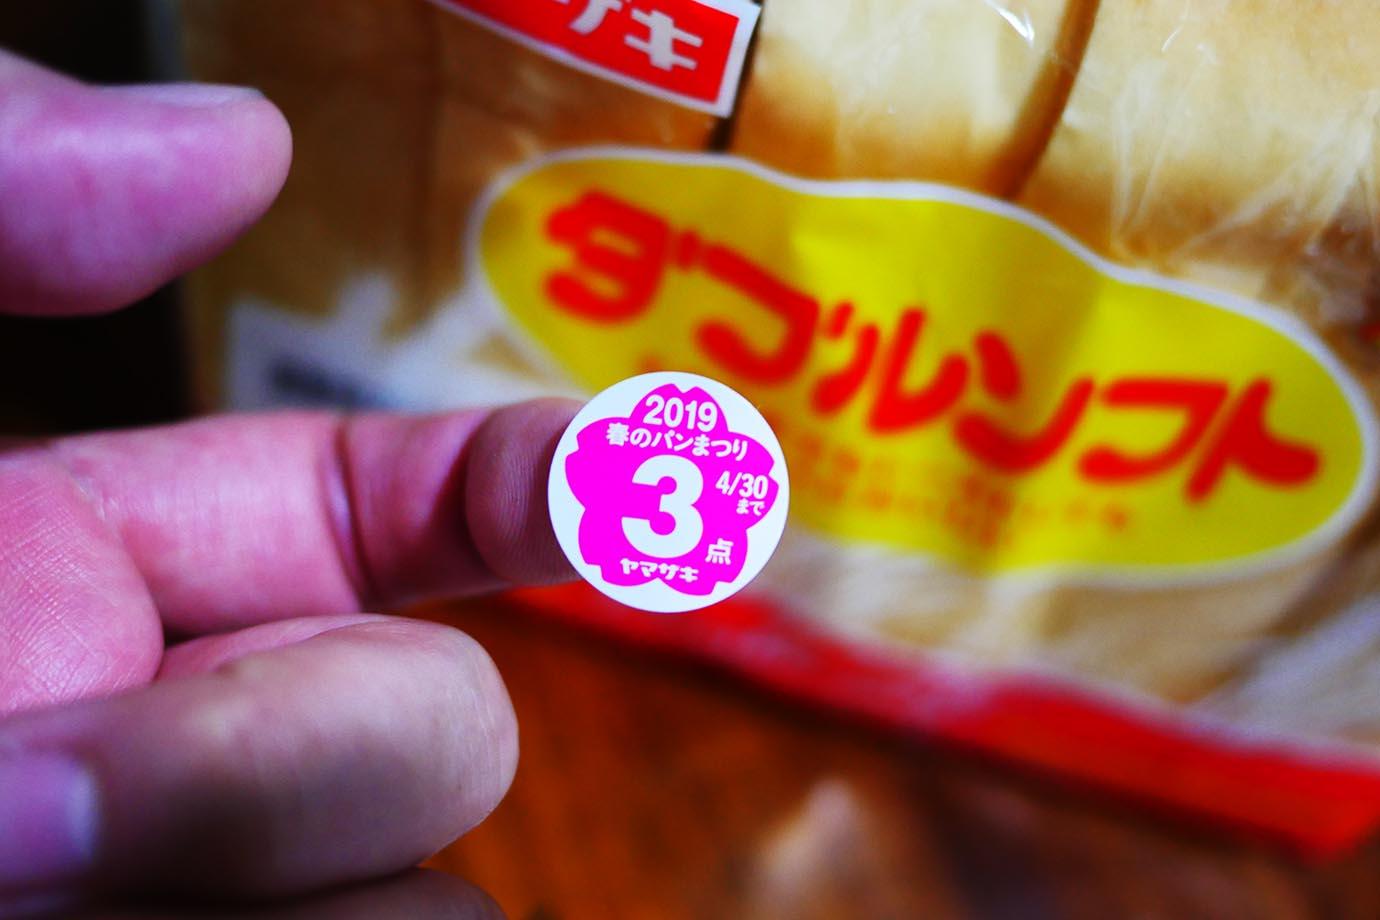 yamazaki-haruno-pan-matsuri1